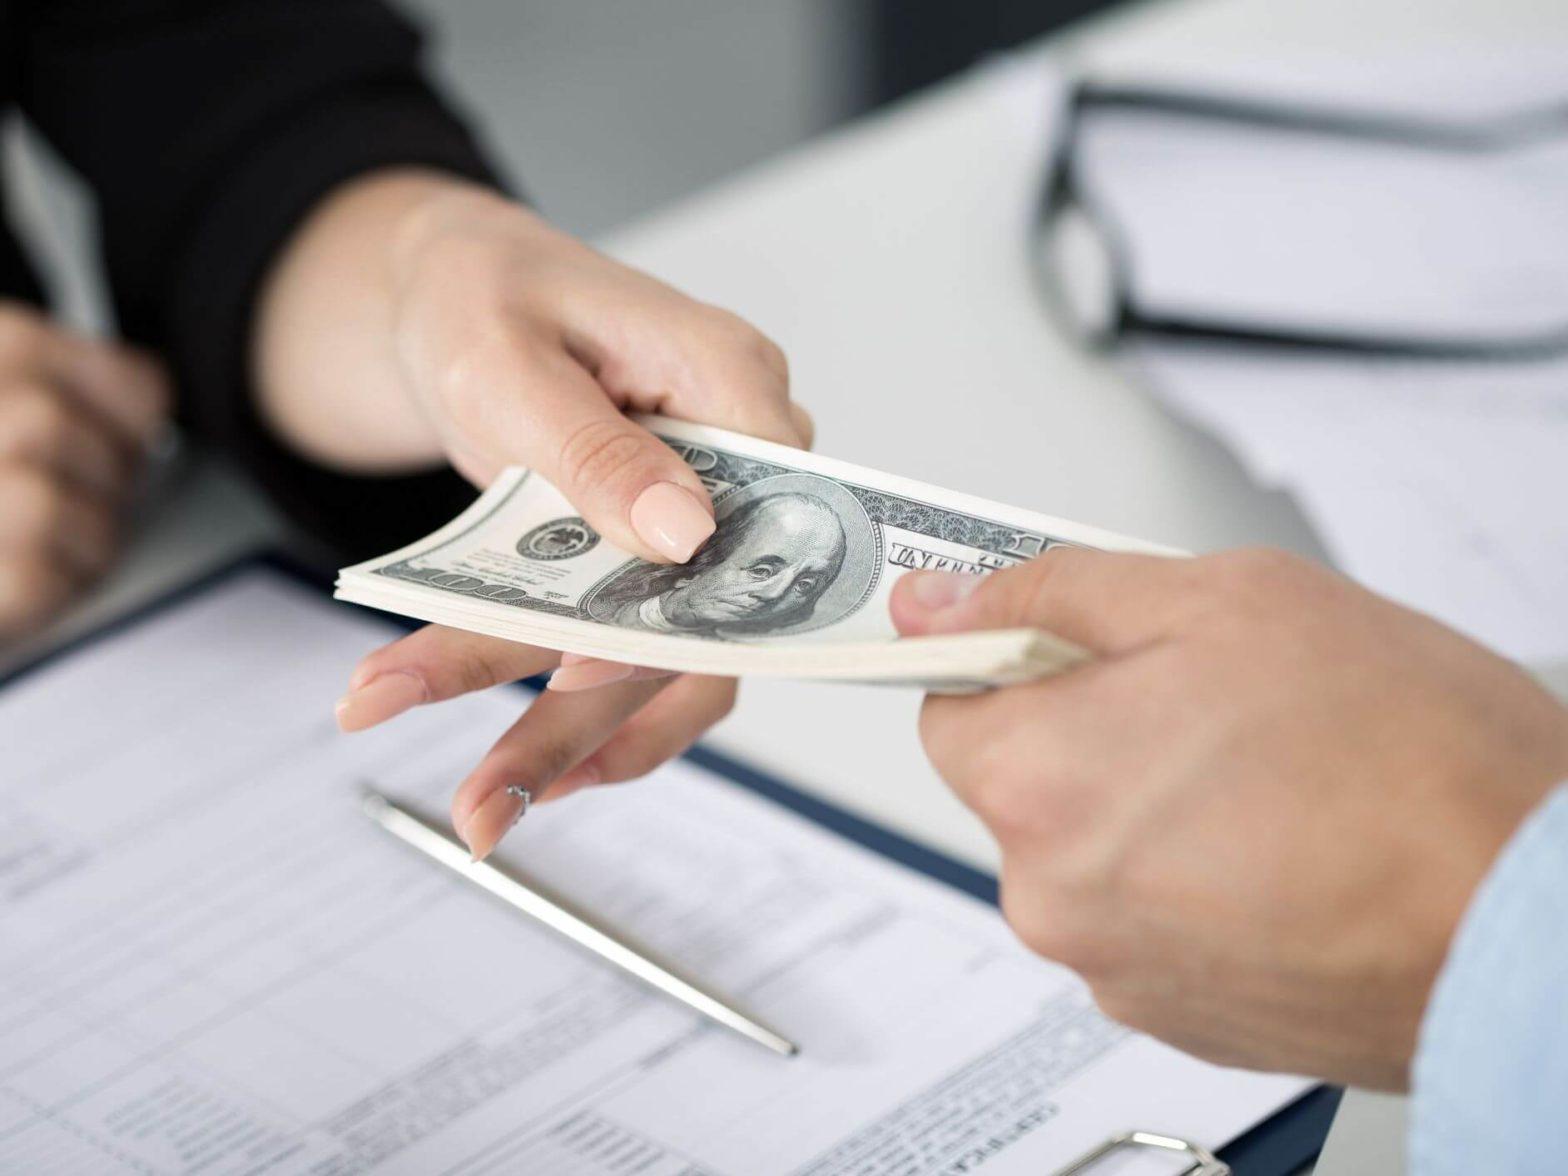 Можно ли взять кредит под залог недвижимости через Интернет?